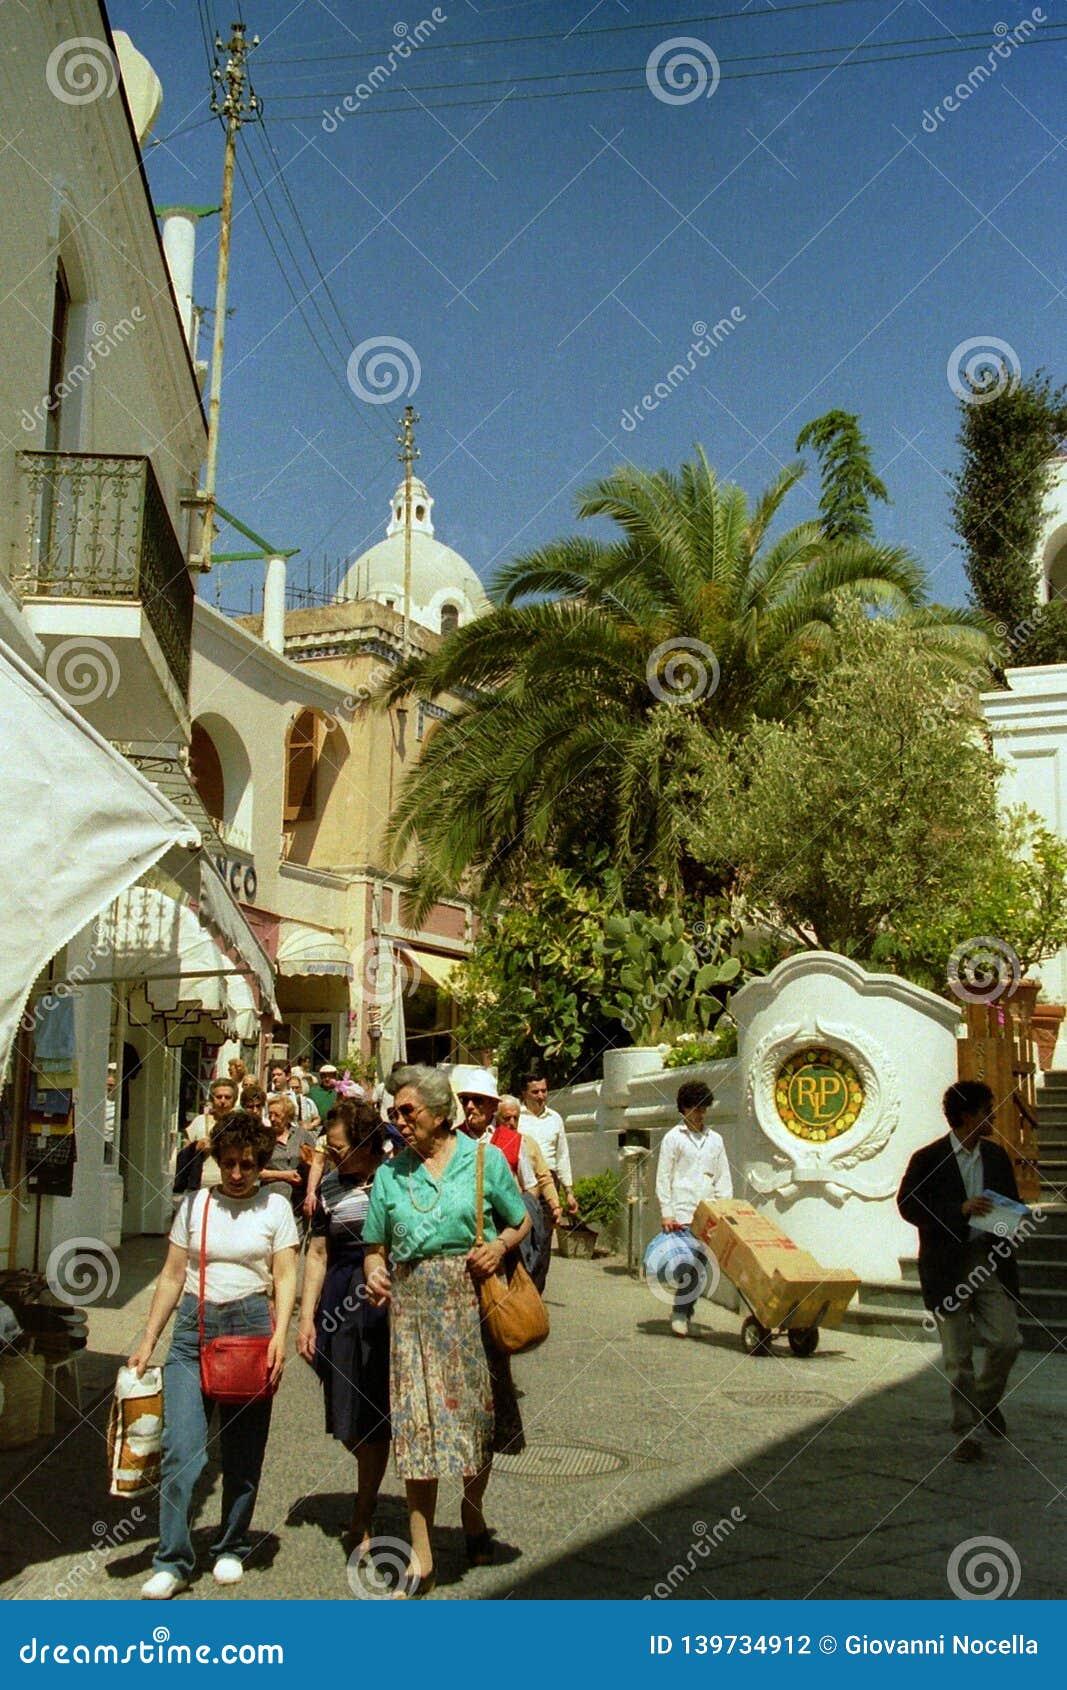 CAPRI, WŁOCHY, 1986 - turyści spacerują wśród sklepów wąskie ulicy Capri